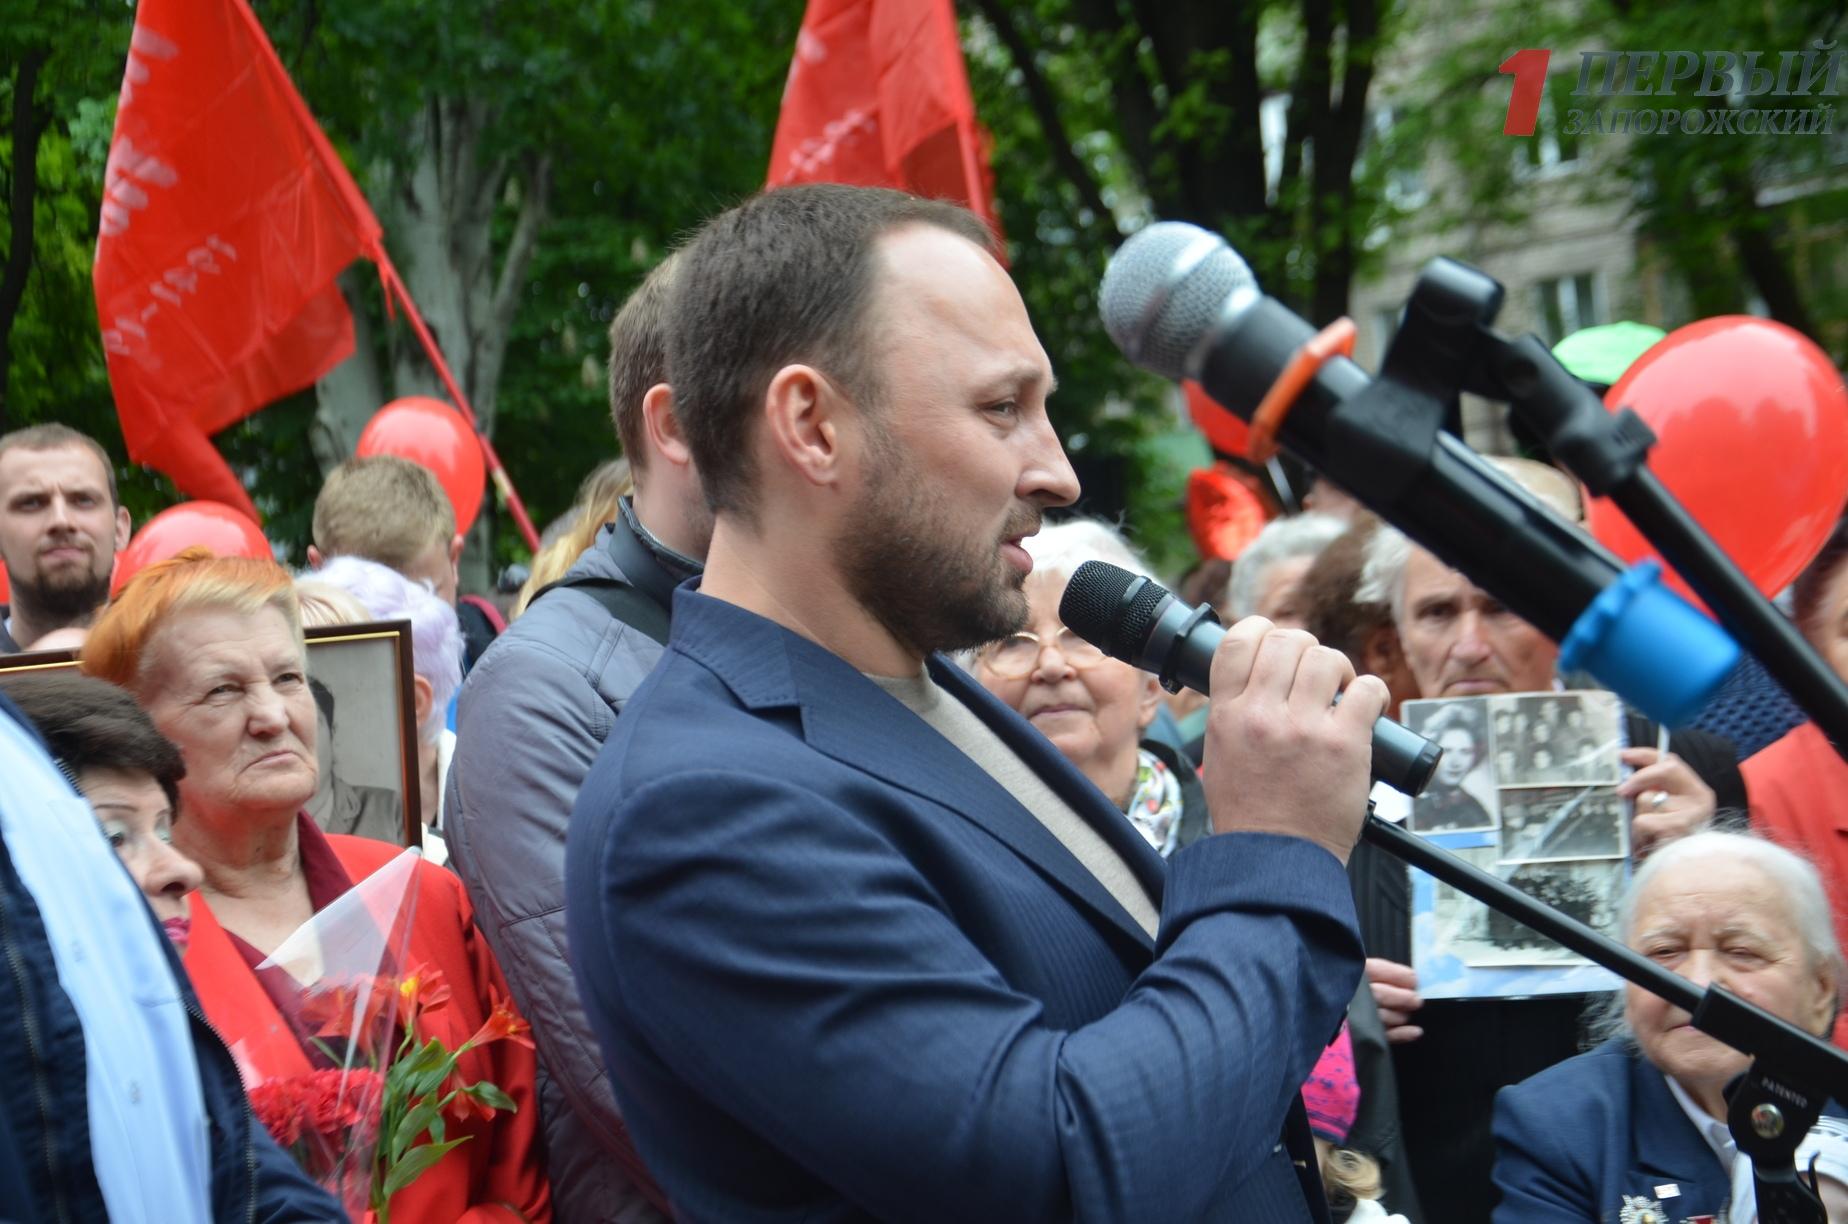 Запорожский депутат, который засветился на акции «Полка Победы», задекларировал доход на сумму более двух миллионов гривен